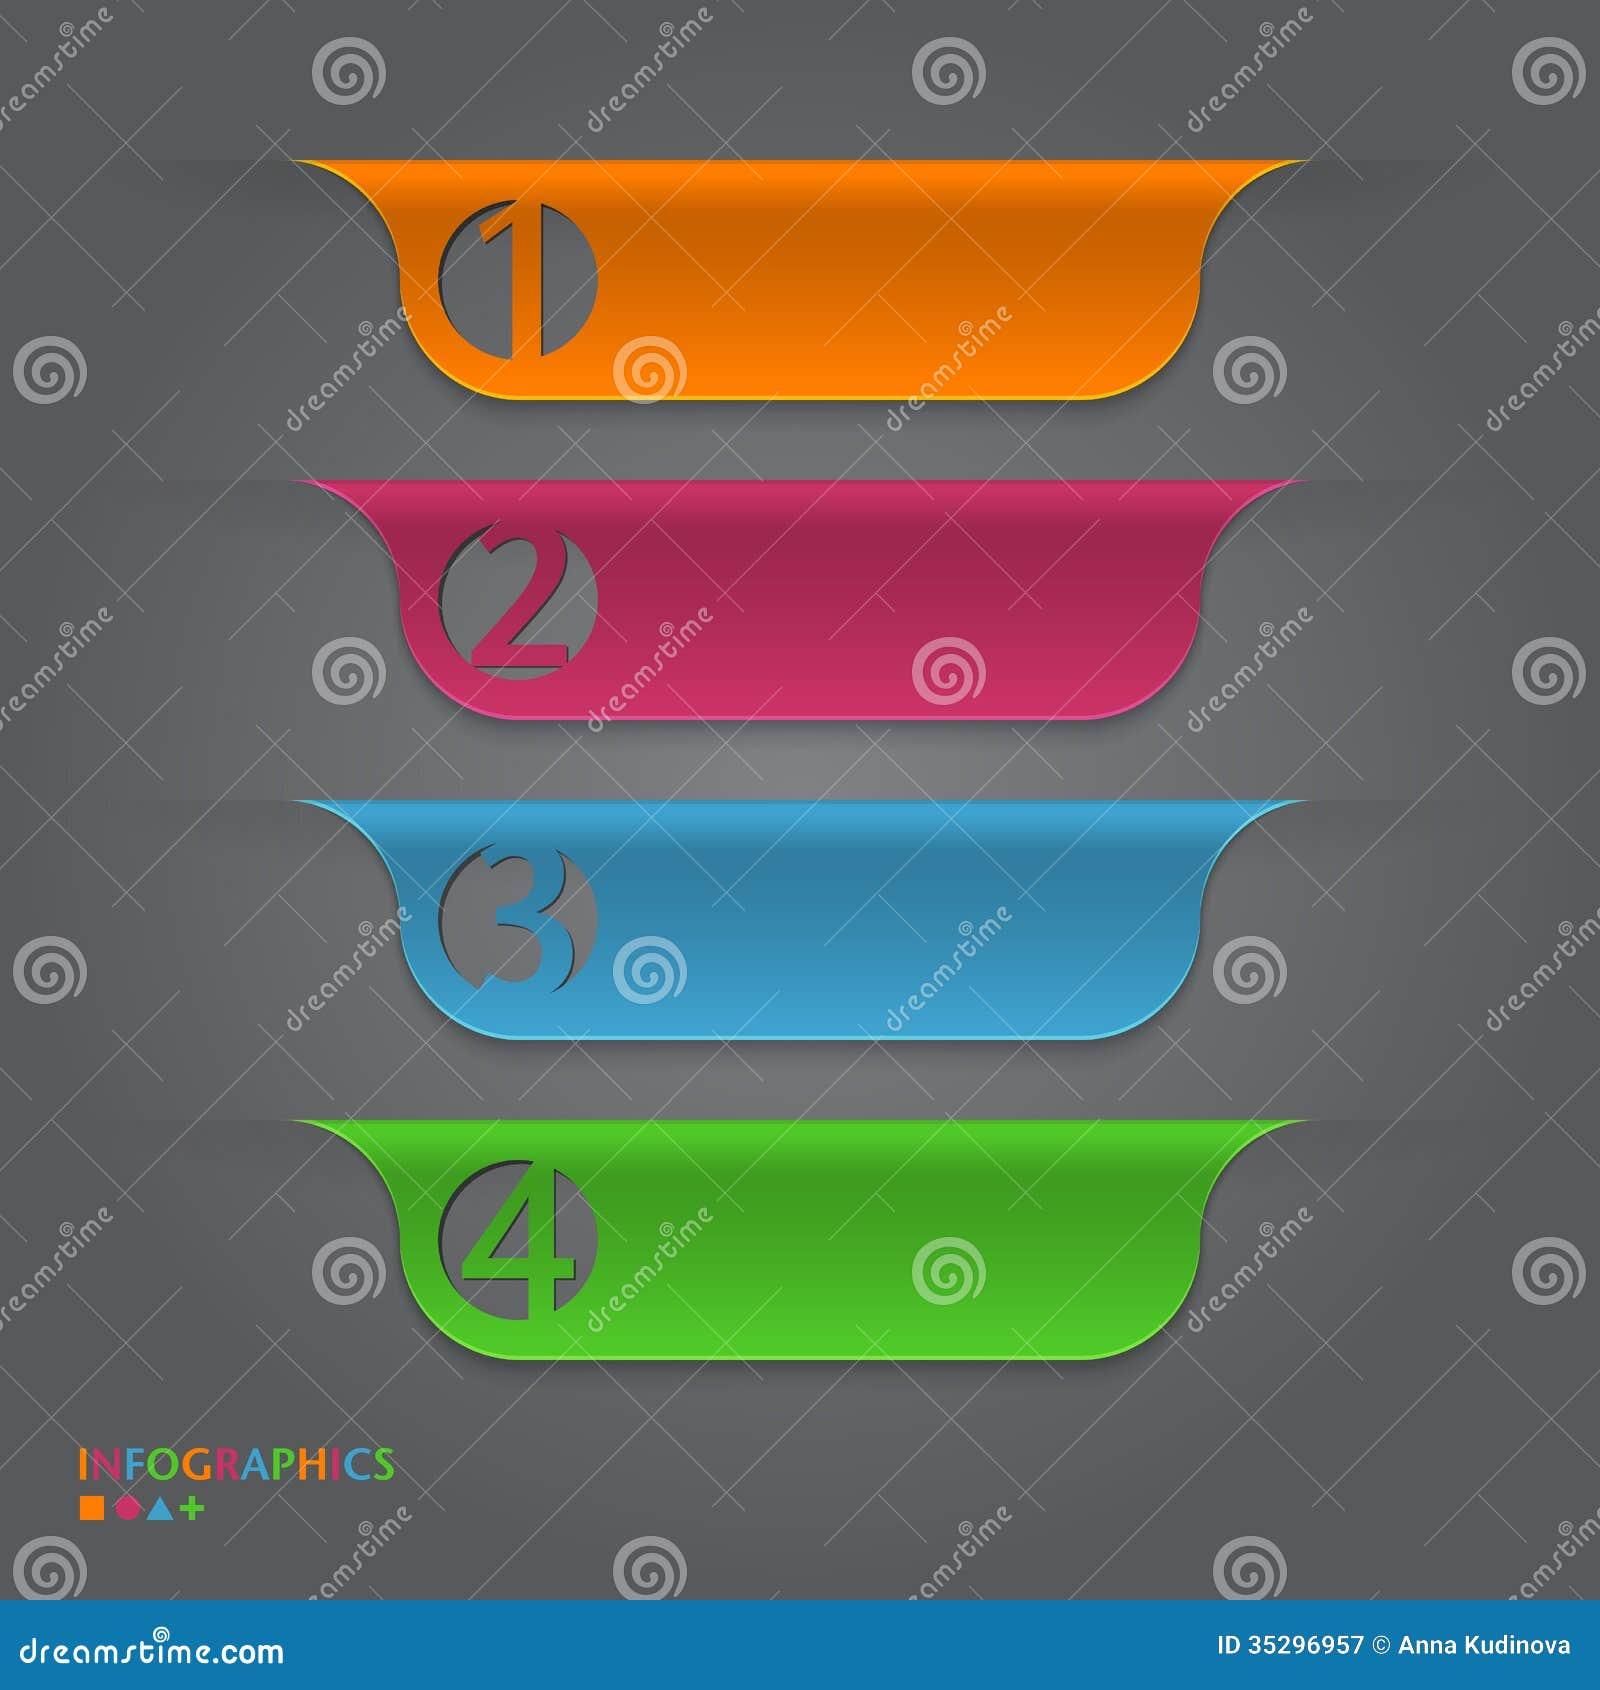 Infographic与纸标记的设计模板。